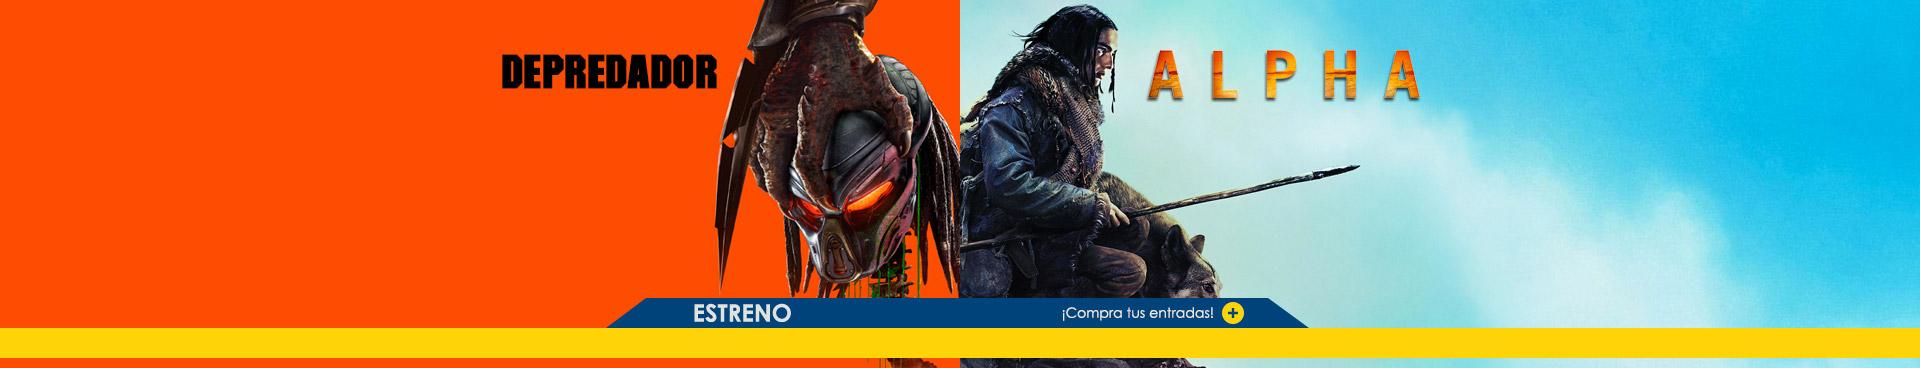 estreno Depredador + Alfa